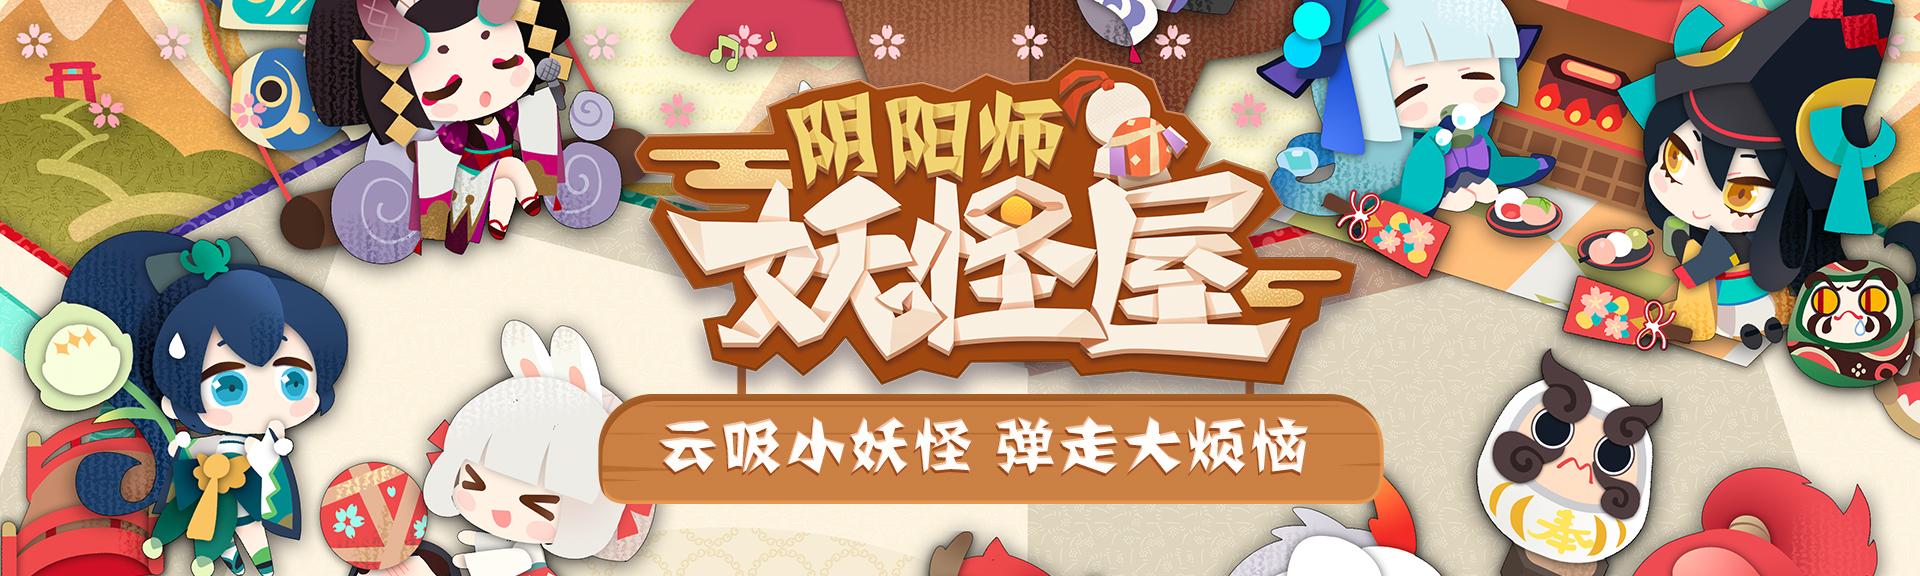 """""""阴阳师""""IP新作《阴阳师:妖怪屋》营业在即!"""